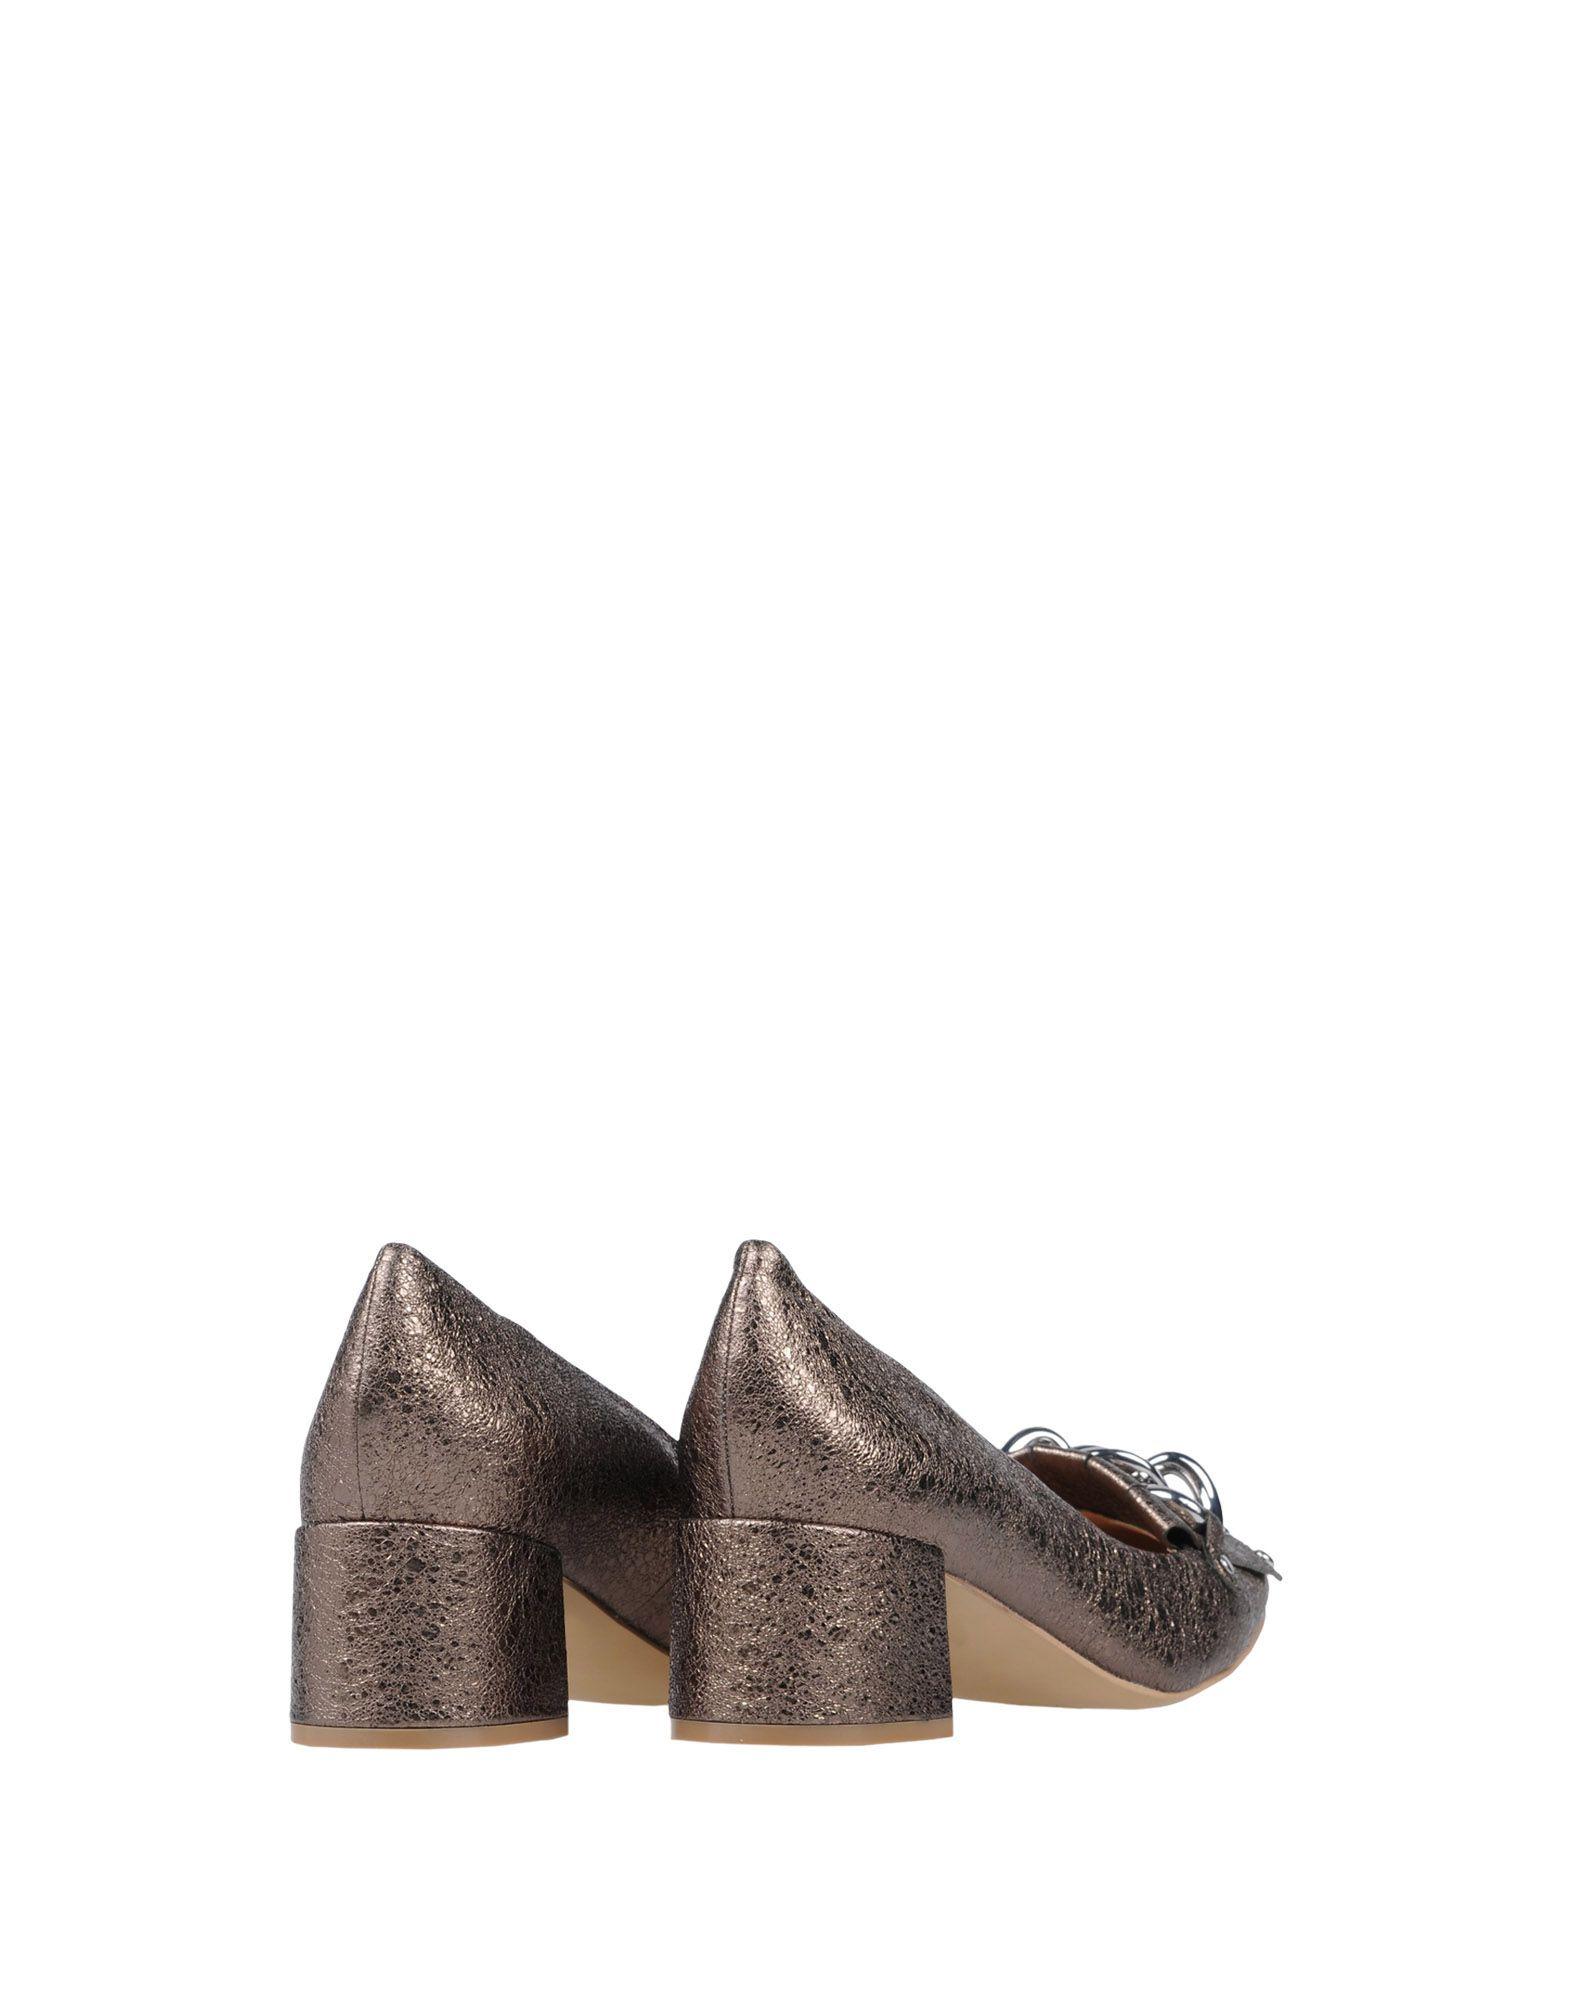 Bruno Premi Mokassins Damen beliebte  11443496NF Gute Qualität beliebte Damen Schuhe e2d79c